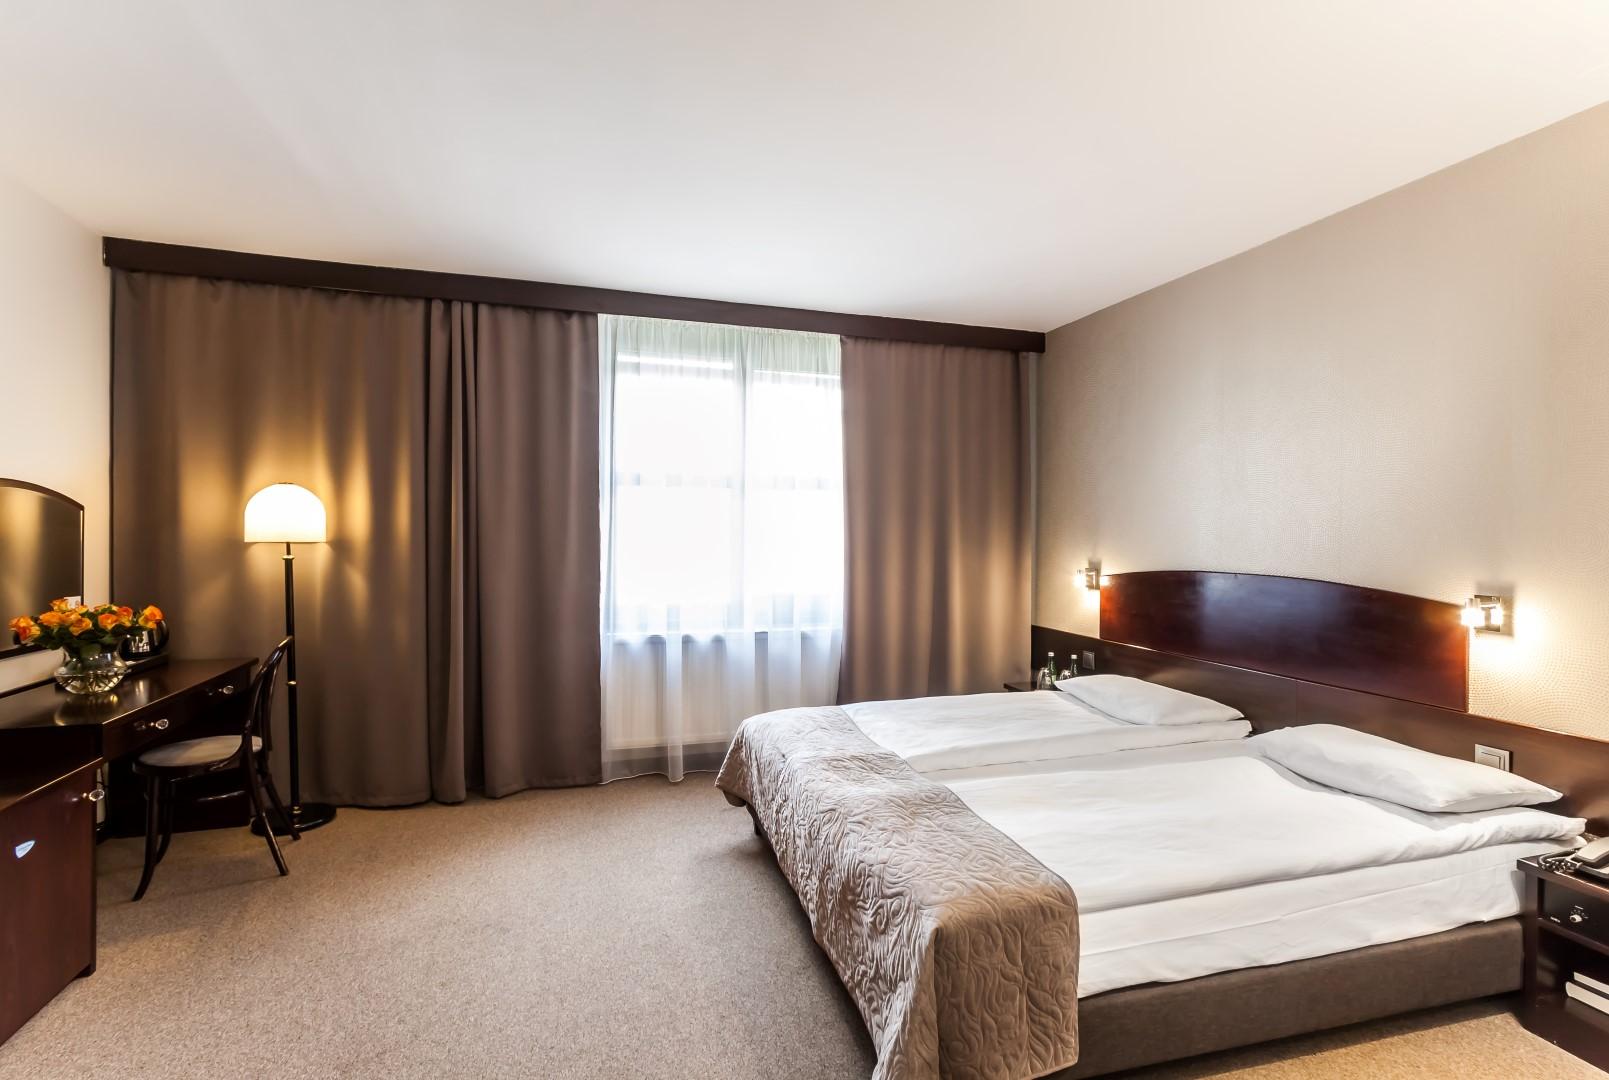 Wawel Sport center - bedroom in the hotel